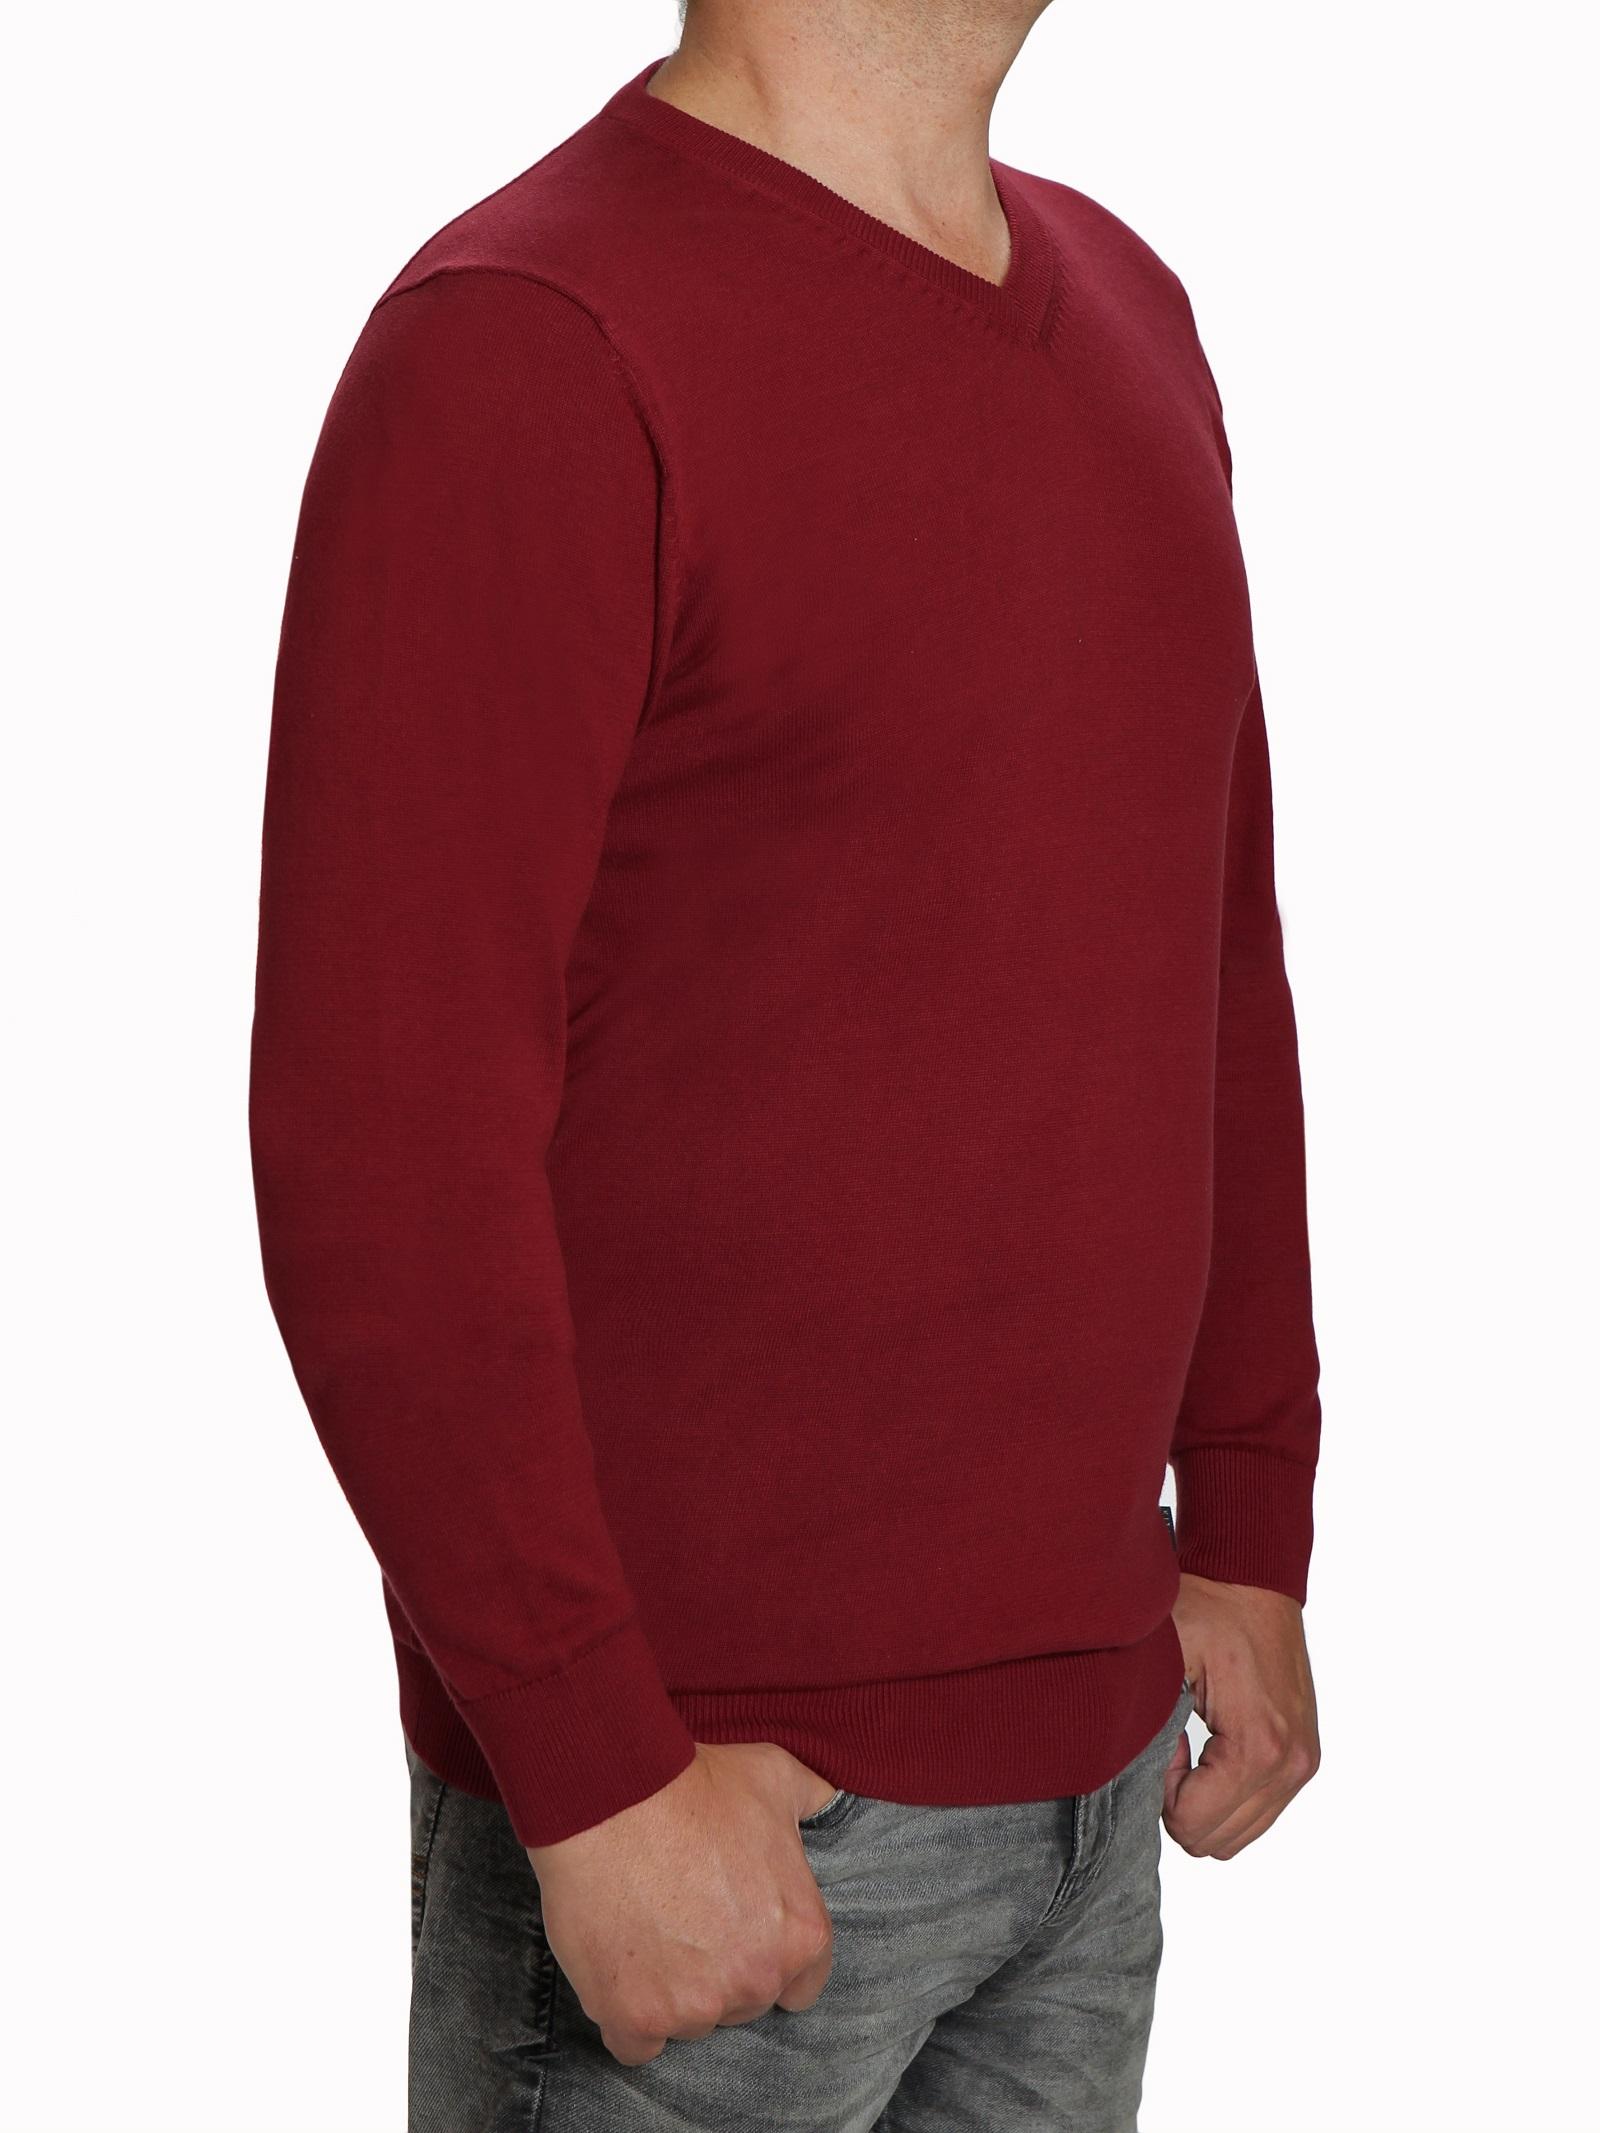 Extra langer Pullover, K I T A R O V Ausschnitt, in Rot